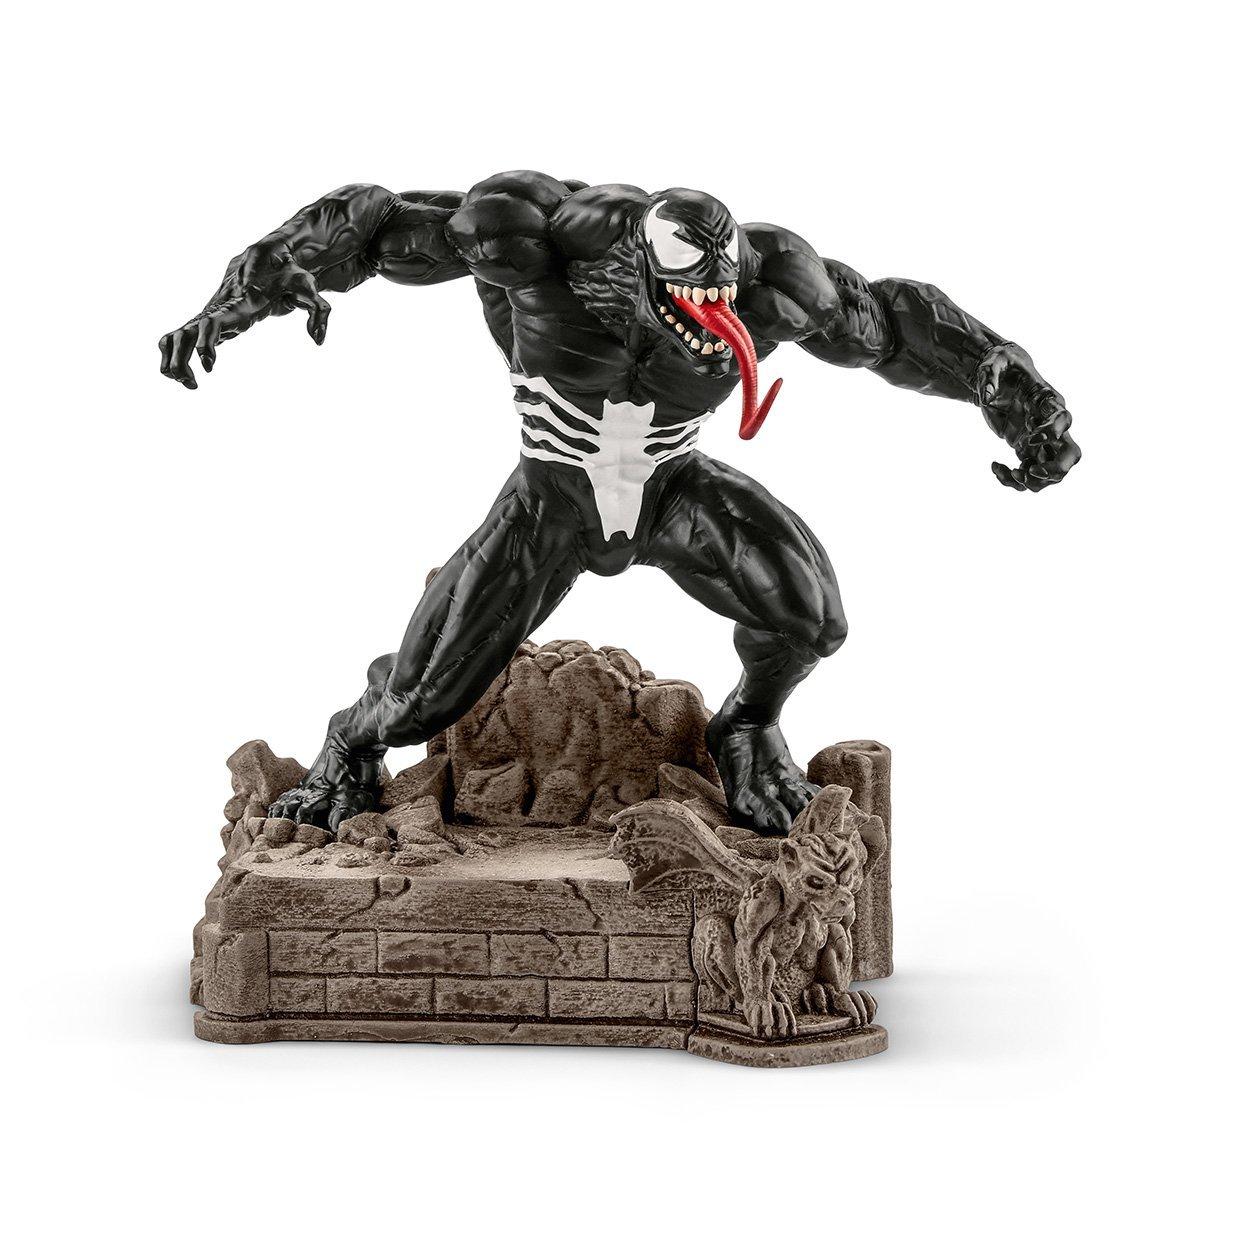 Schleich Marvel - Figura Venom, 16,2 cm imagen